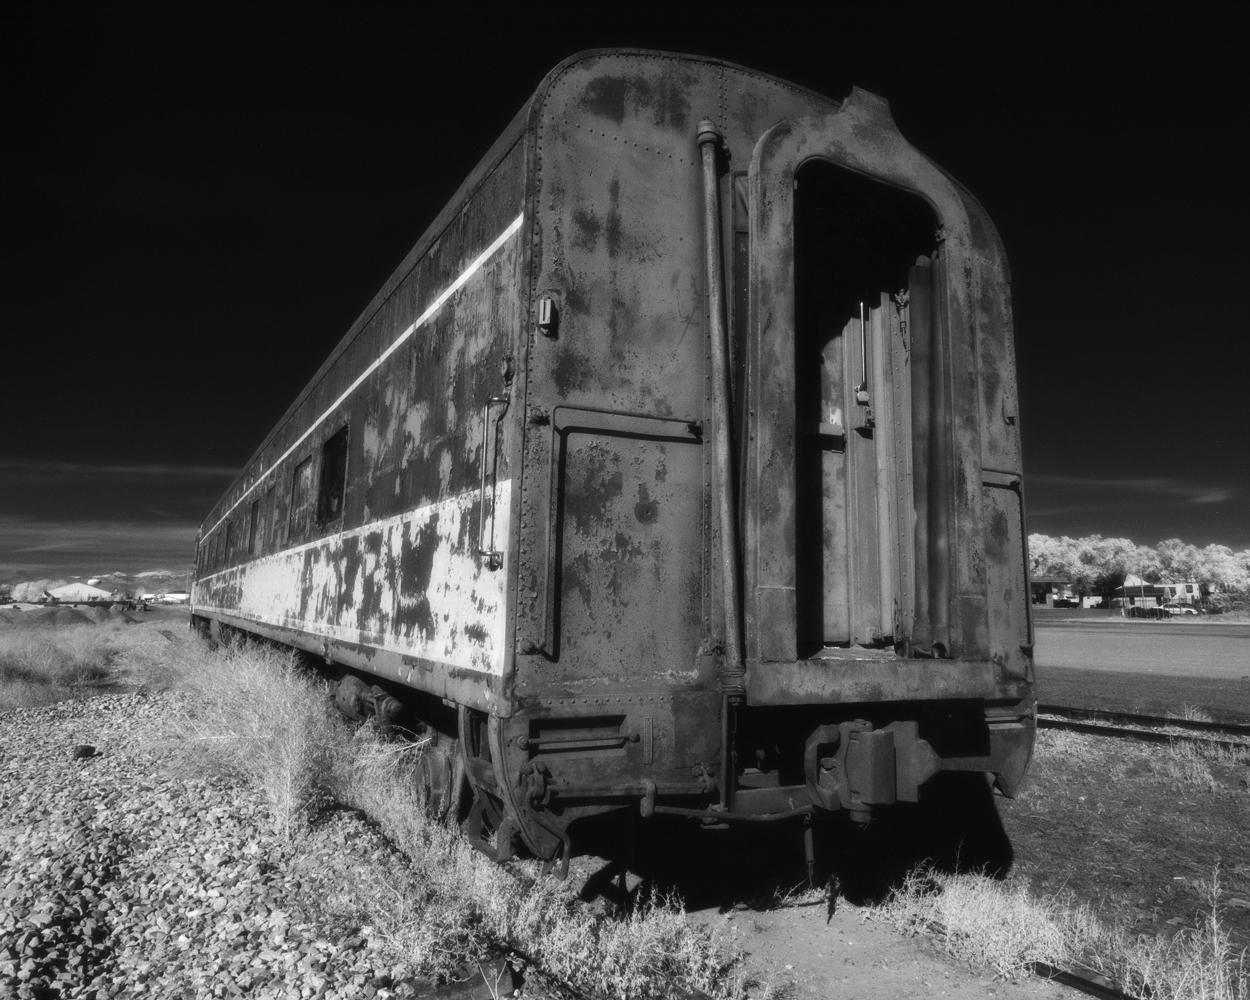 Train Car #2